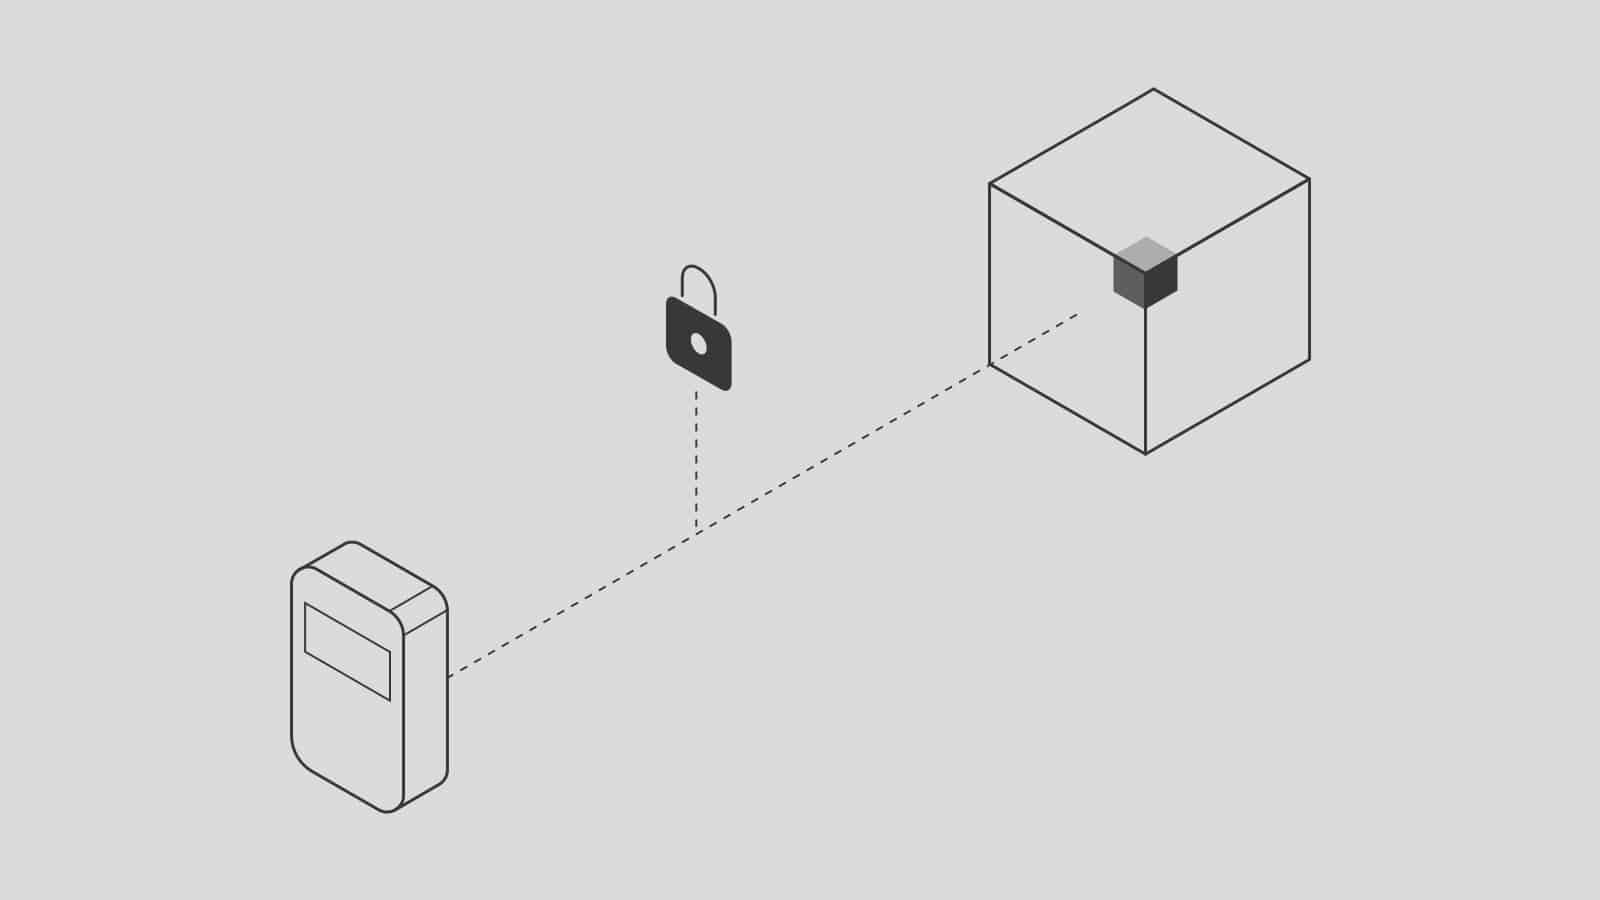 Οι συσκευές ασφαλείας πρέπει να χρησιμοποιούν αξιόπιστη τεχνολογία επικοινωνίας για επικοινωνία με τον πίνακα ελέγχου